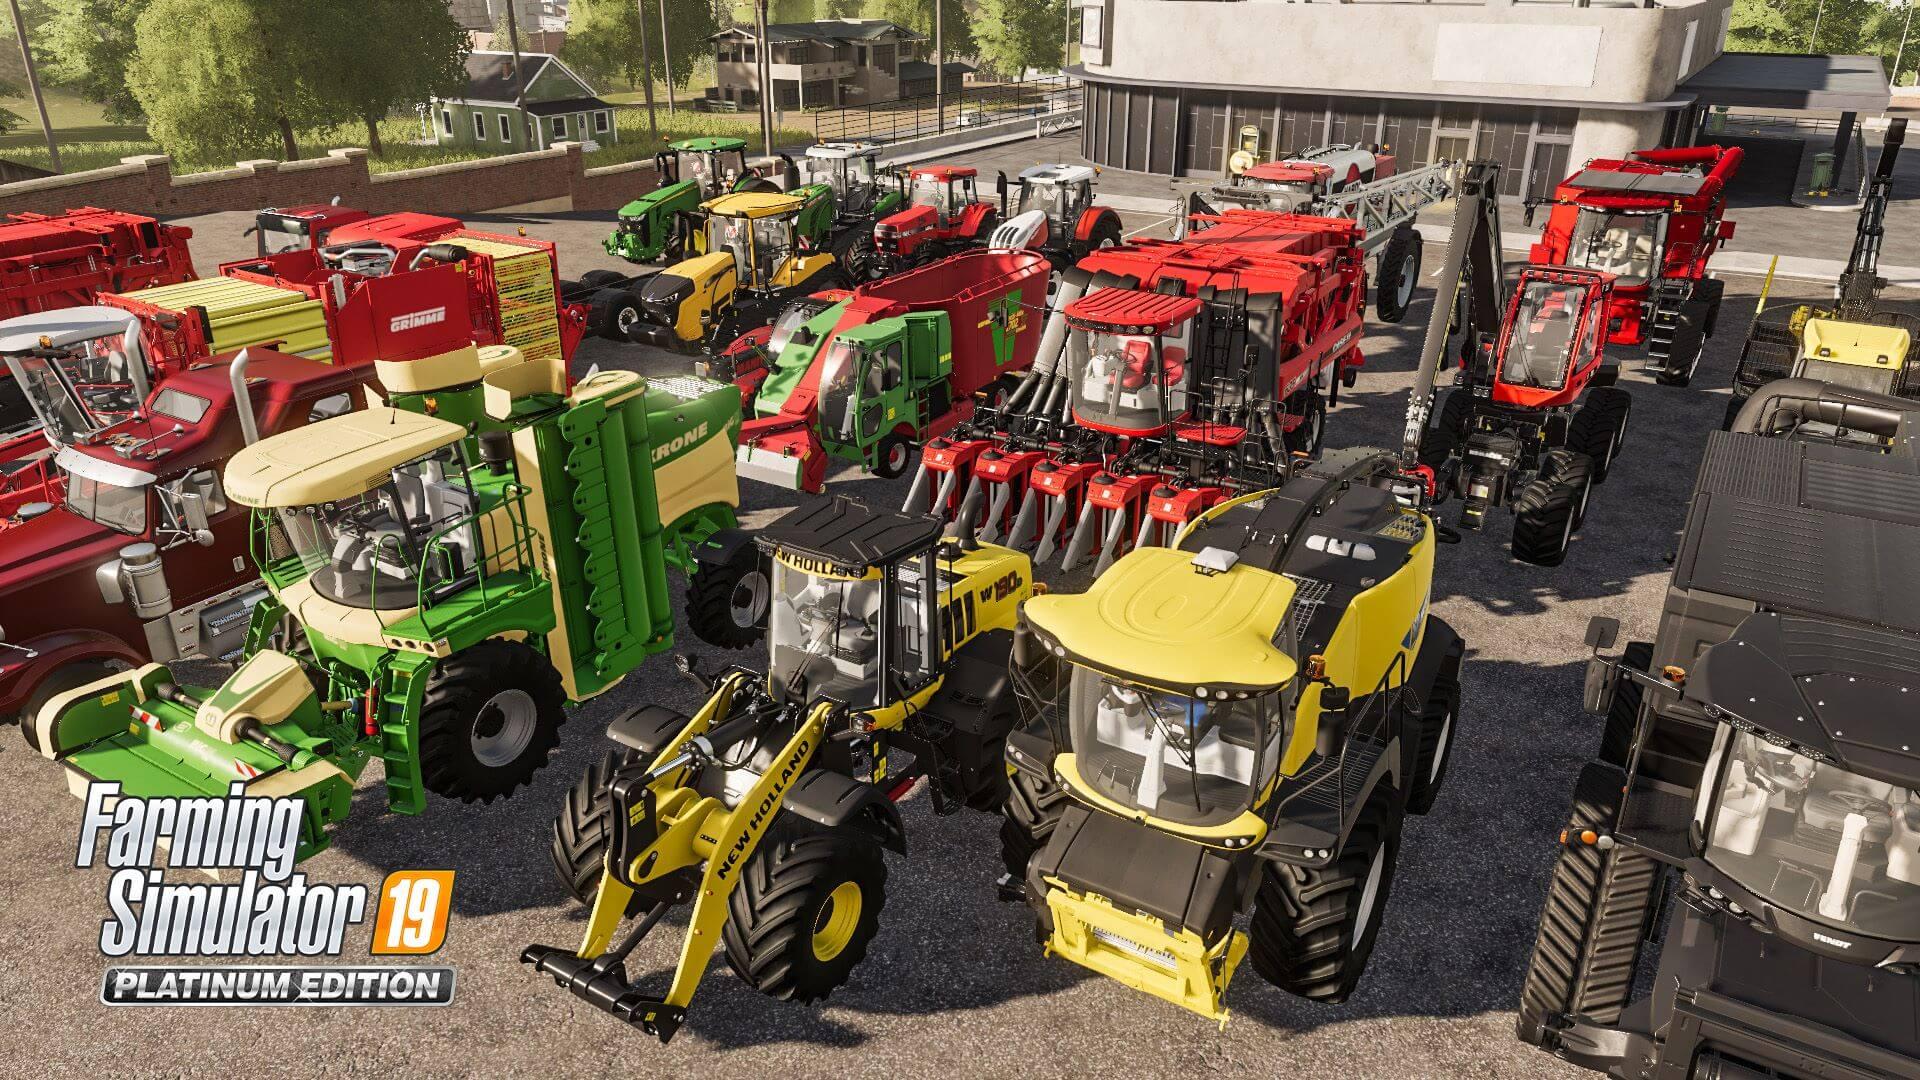 Farming Simulator 19 Platinum Edition Review - A True Farming Experience